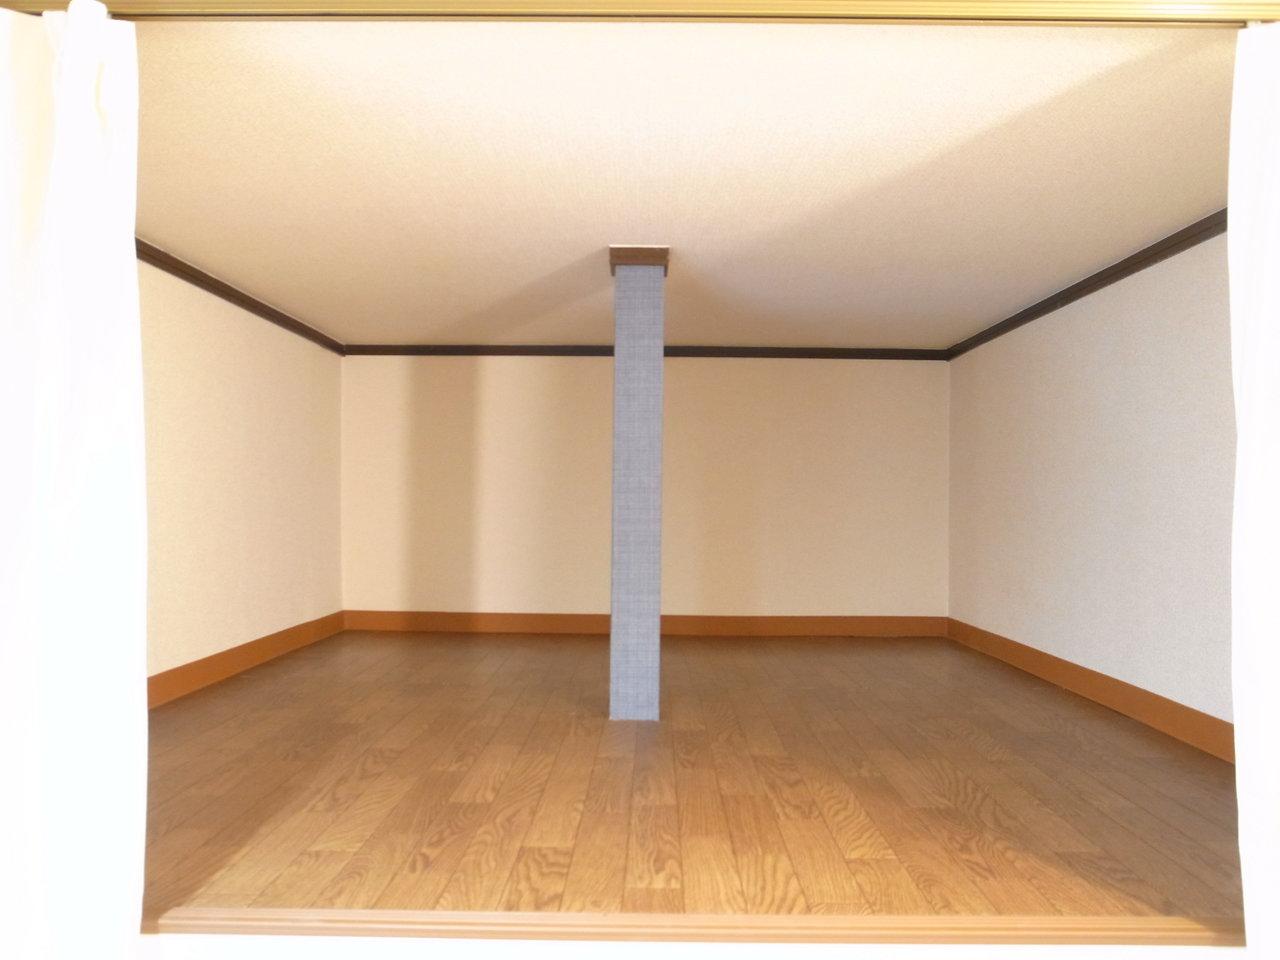 ロフト奥には1段上がったところに収納スペースが。大型の家電なんかも悠々と入りそう。